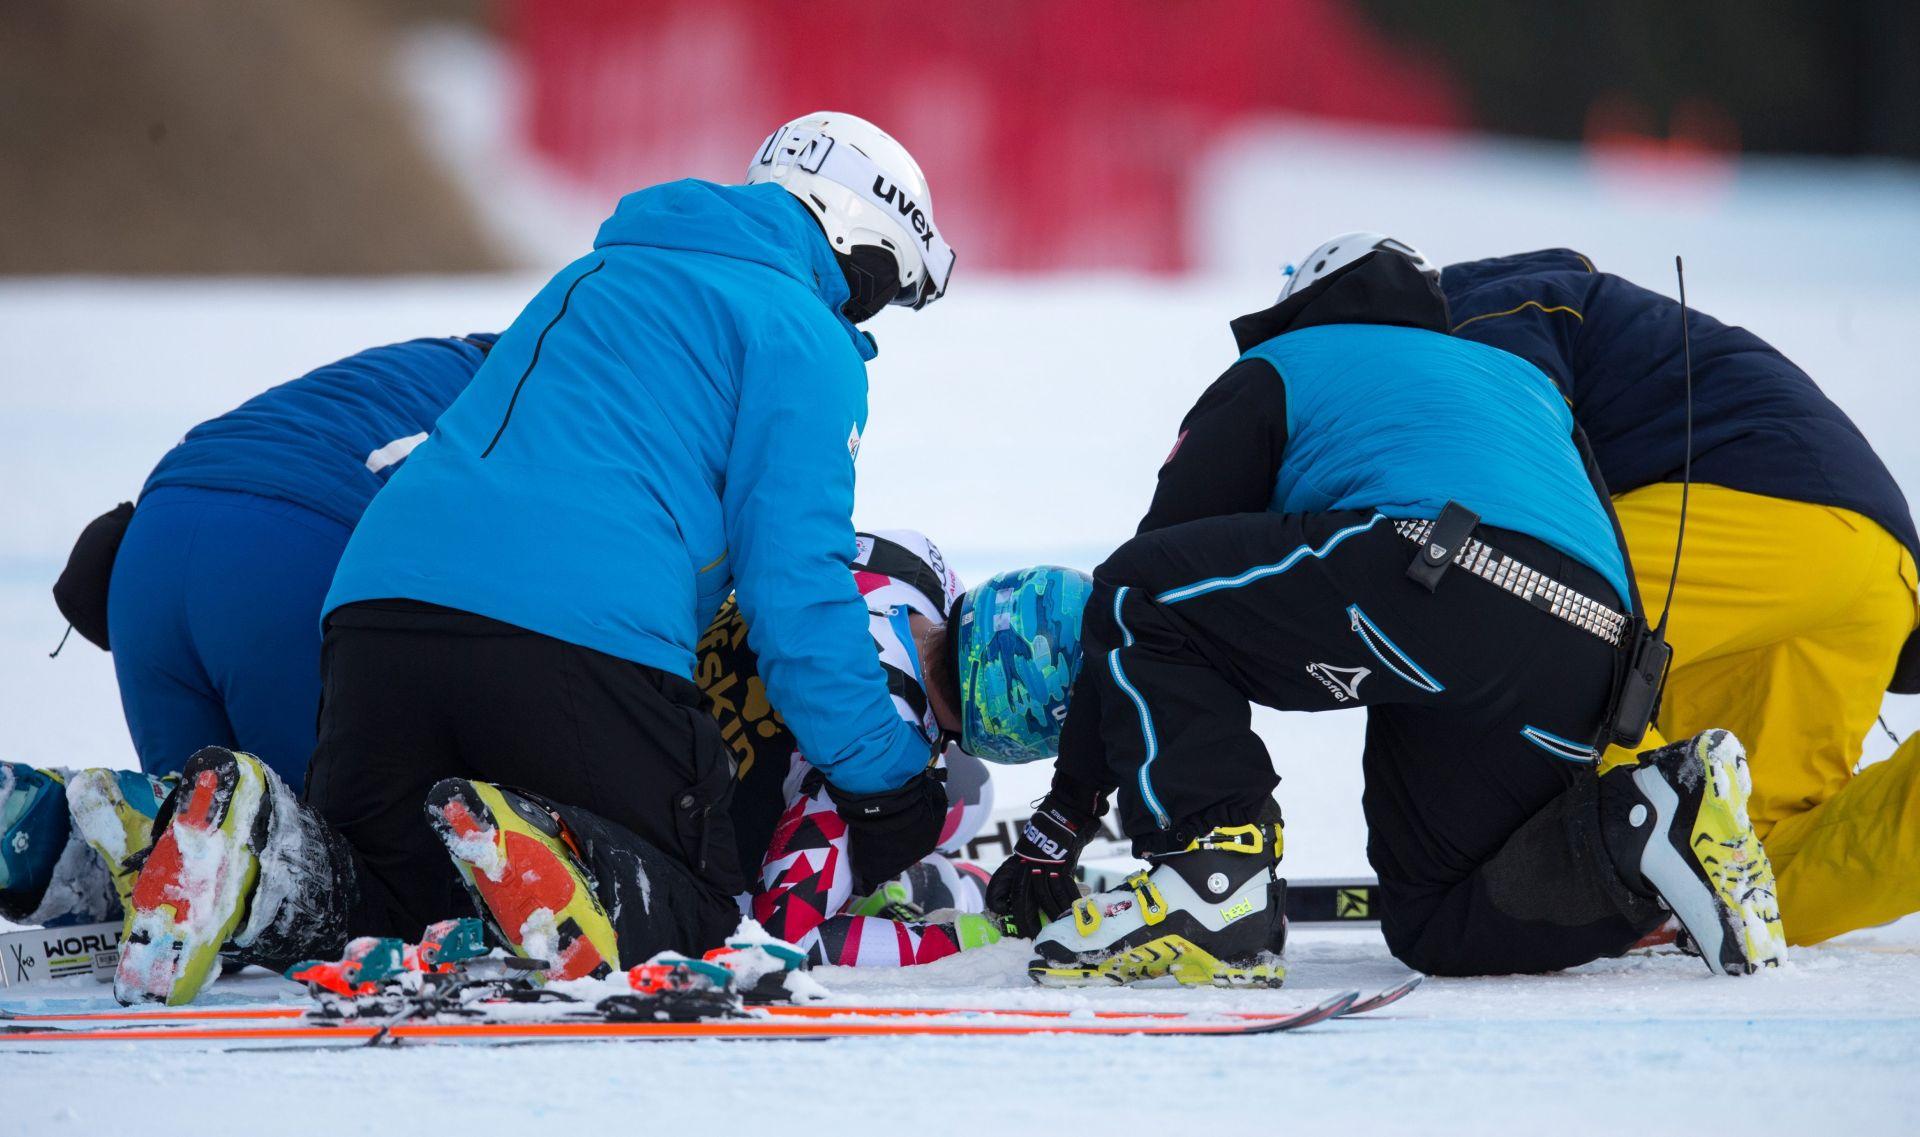 FIS: Mayera je 'zračni jastuk' spasio težih ozljeda